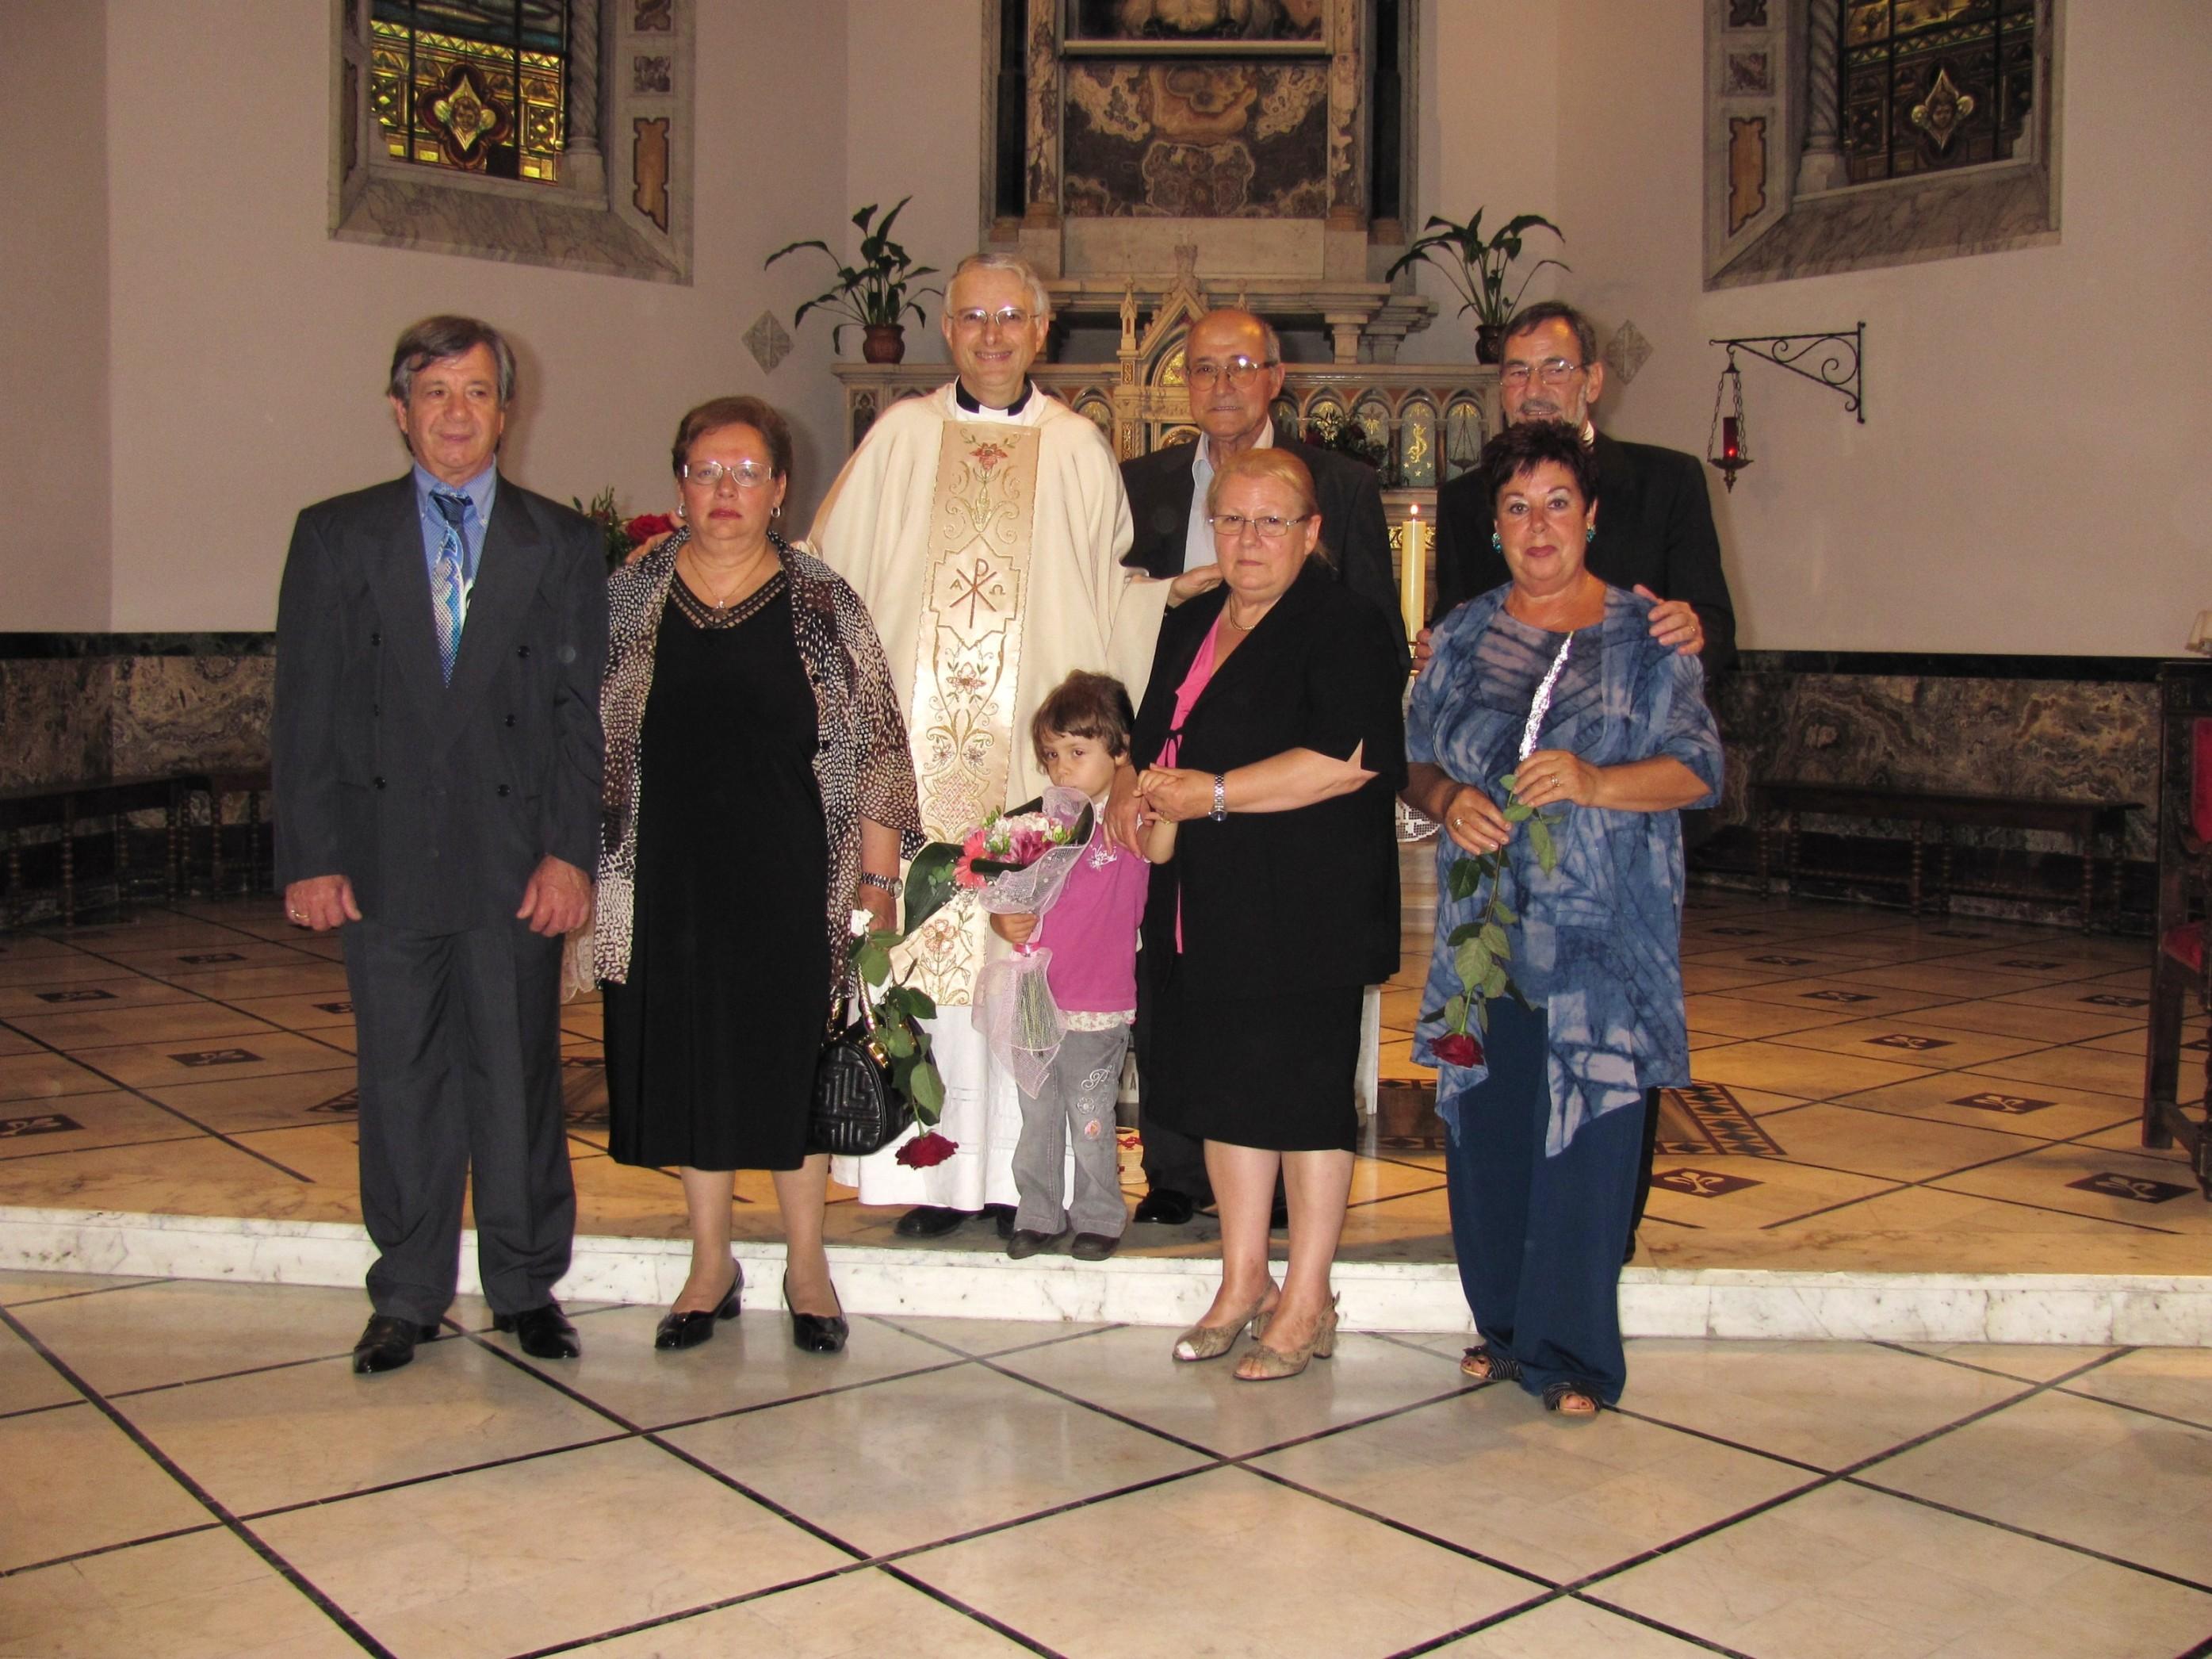 anniversari_matrimonio-2011-06-05-12-17-49